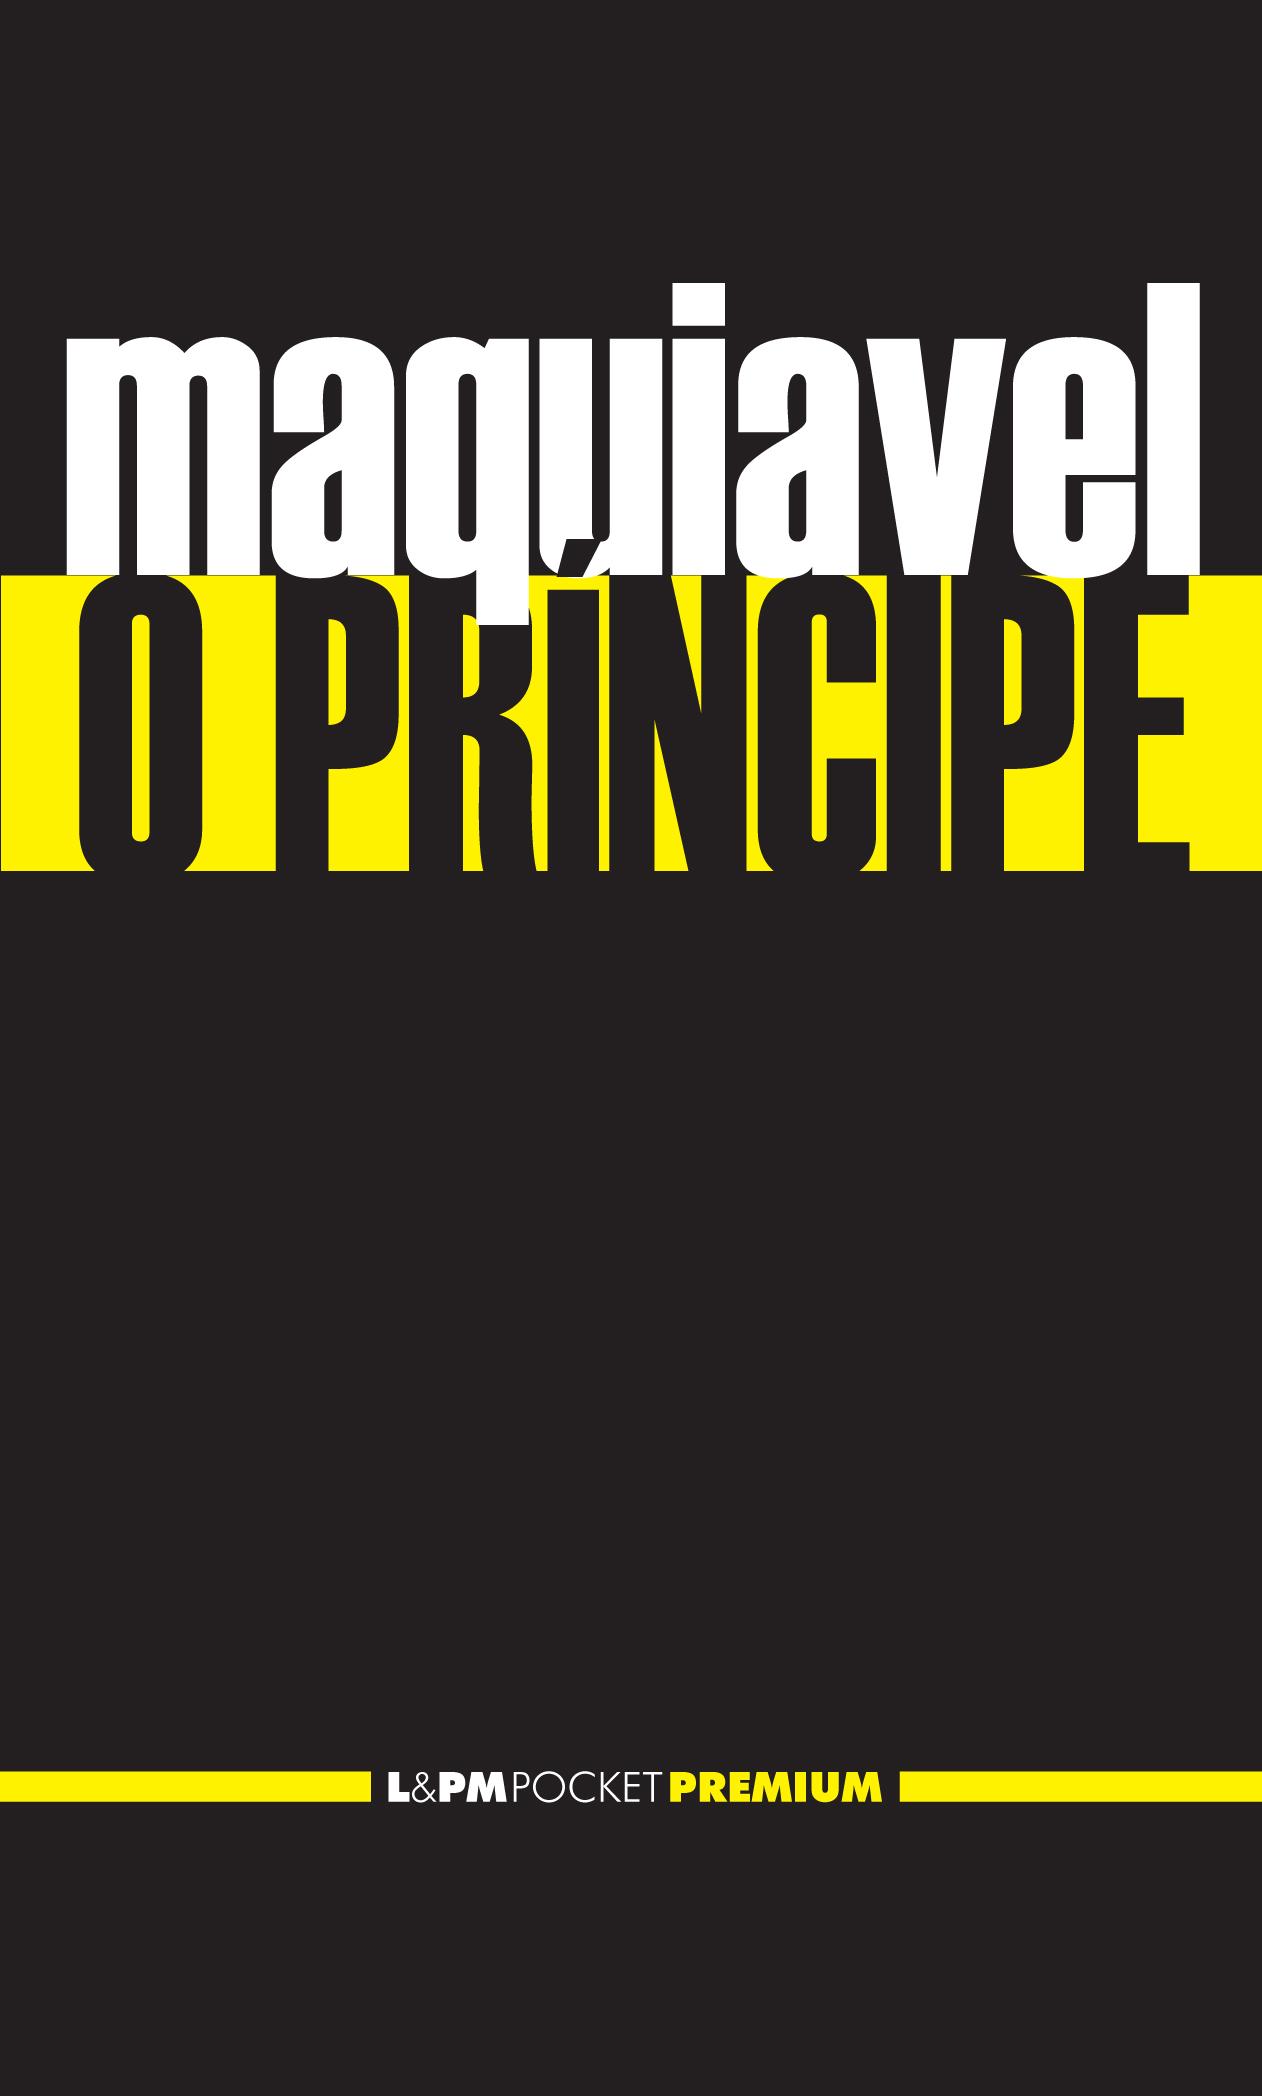 capa_principe_premium.indd